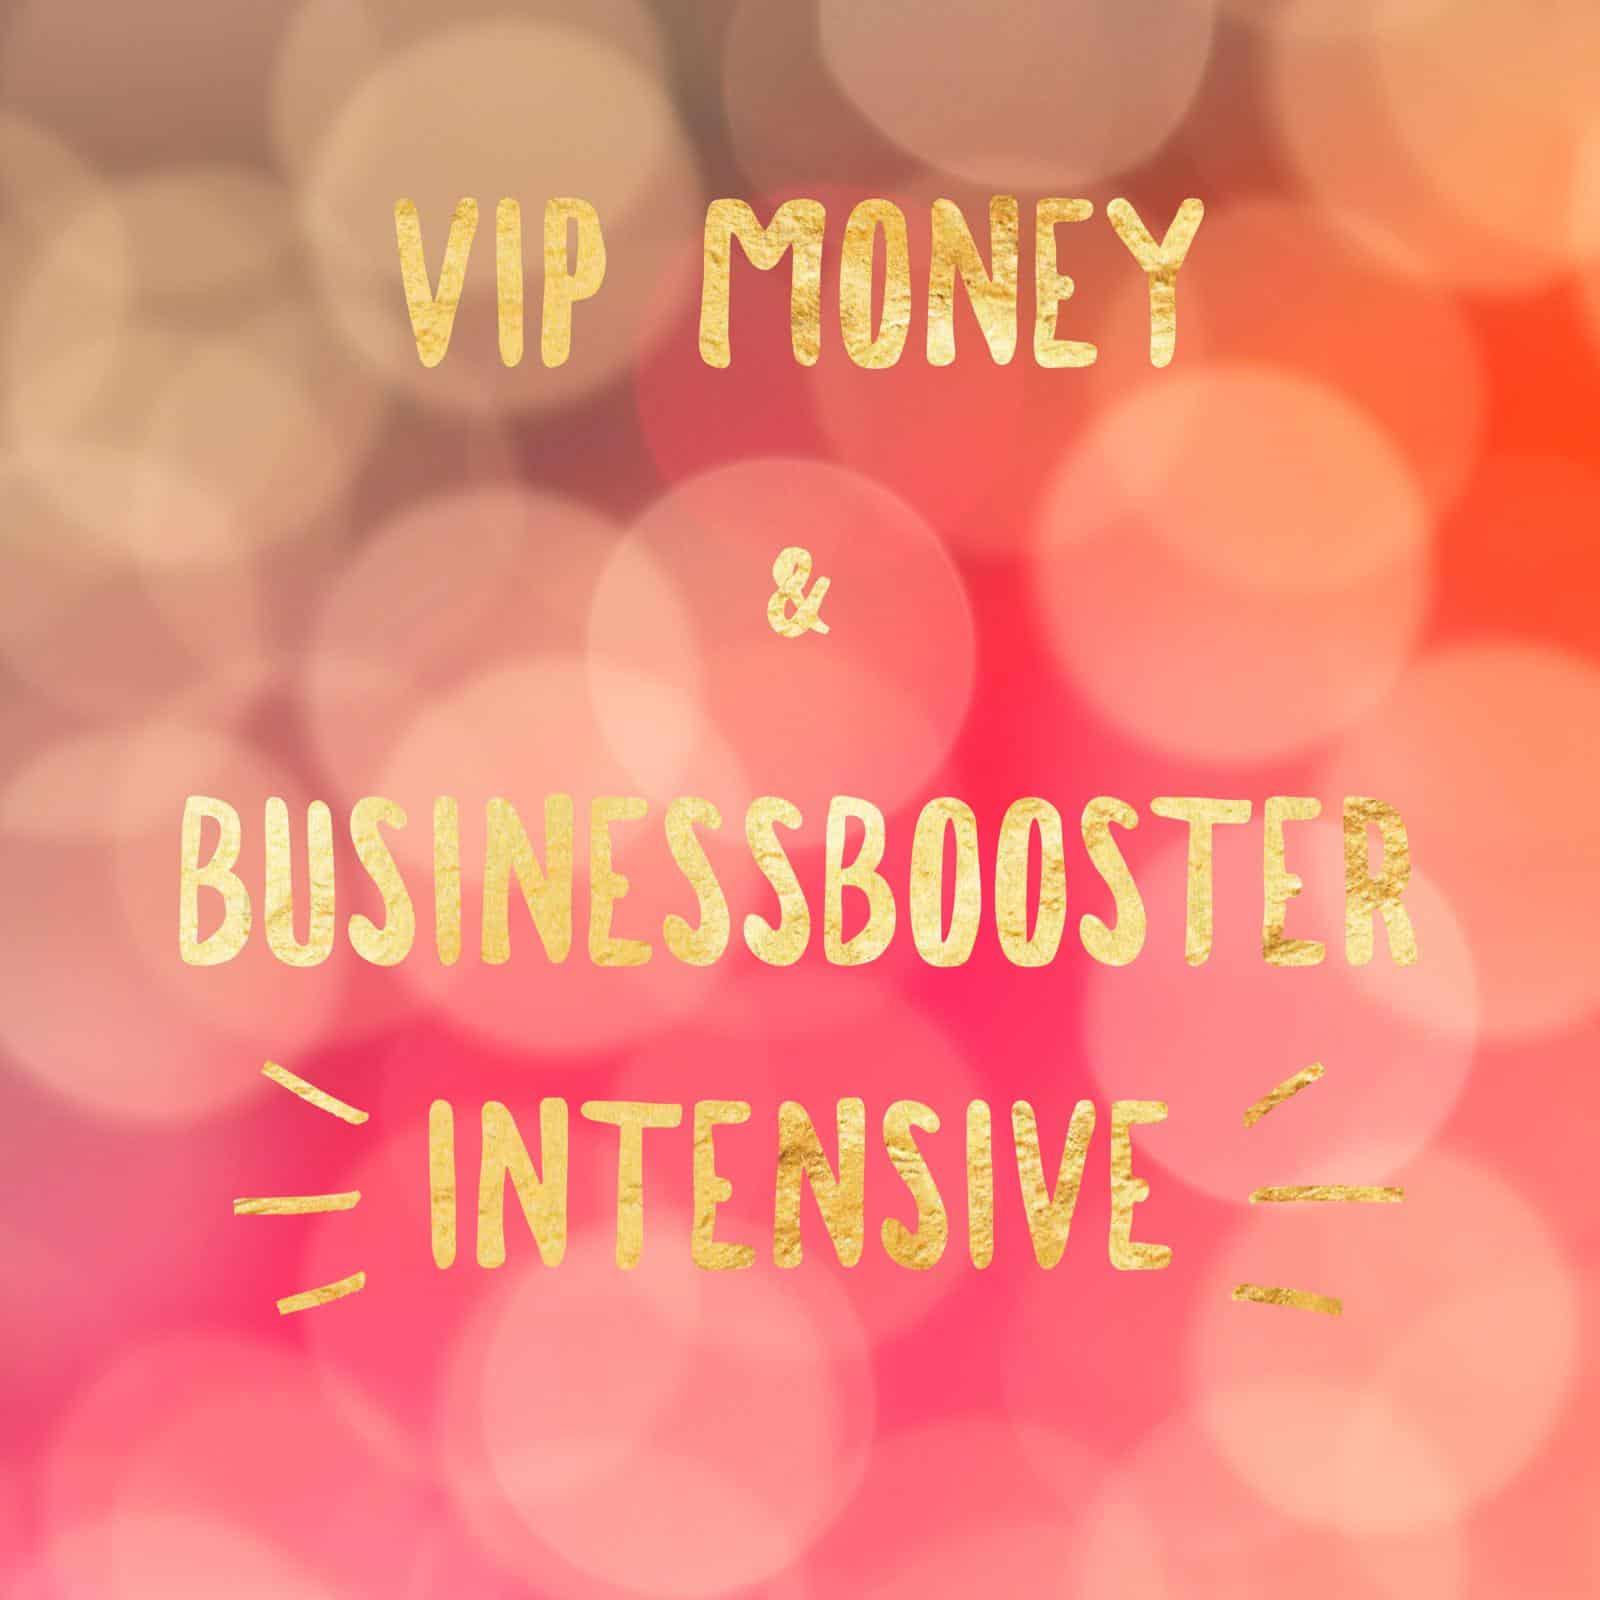 VIP Money Businessbooster Intensive